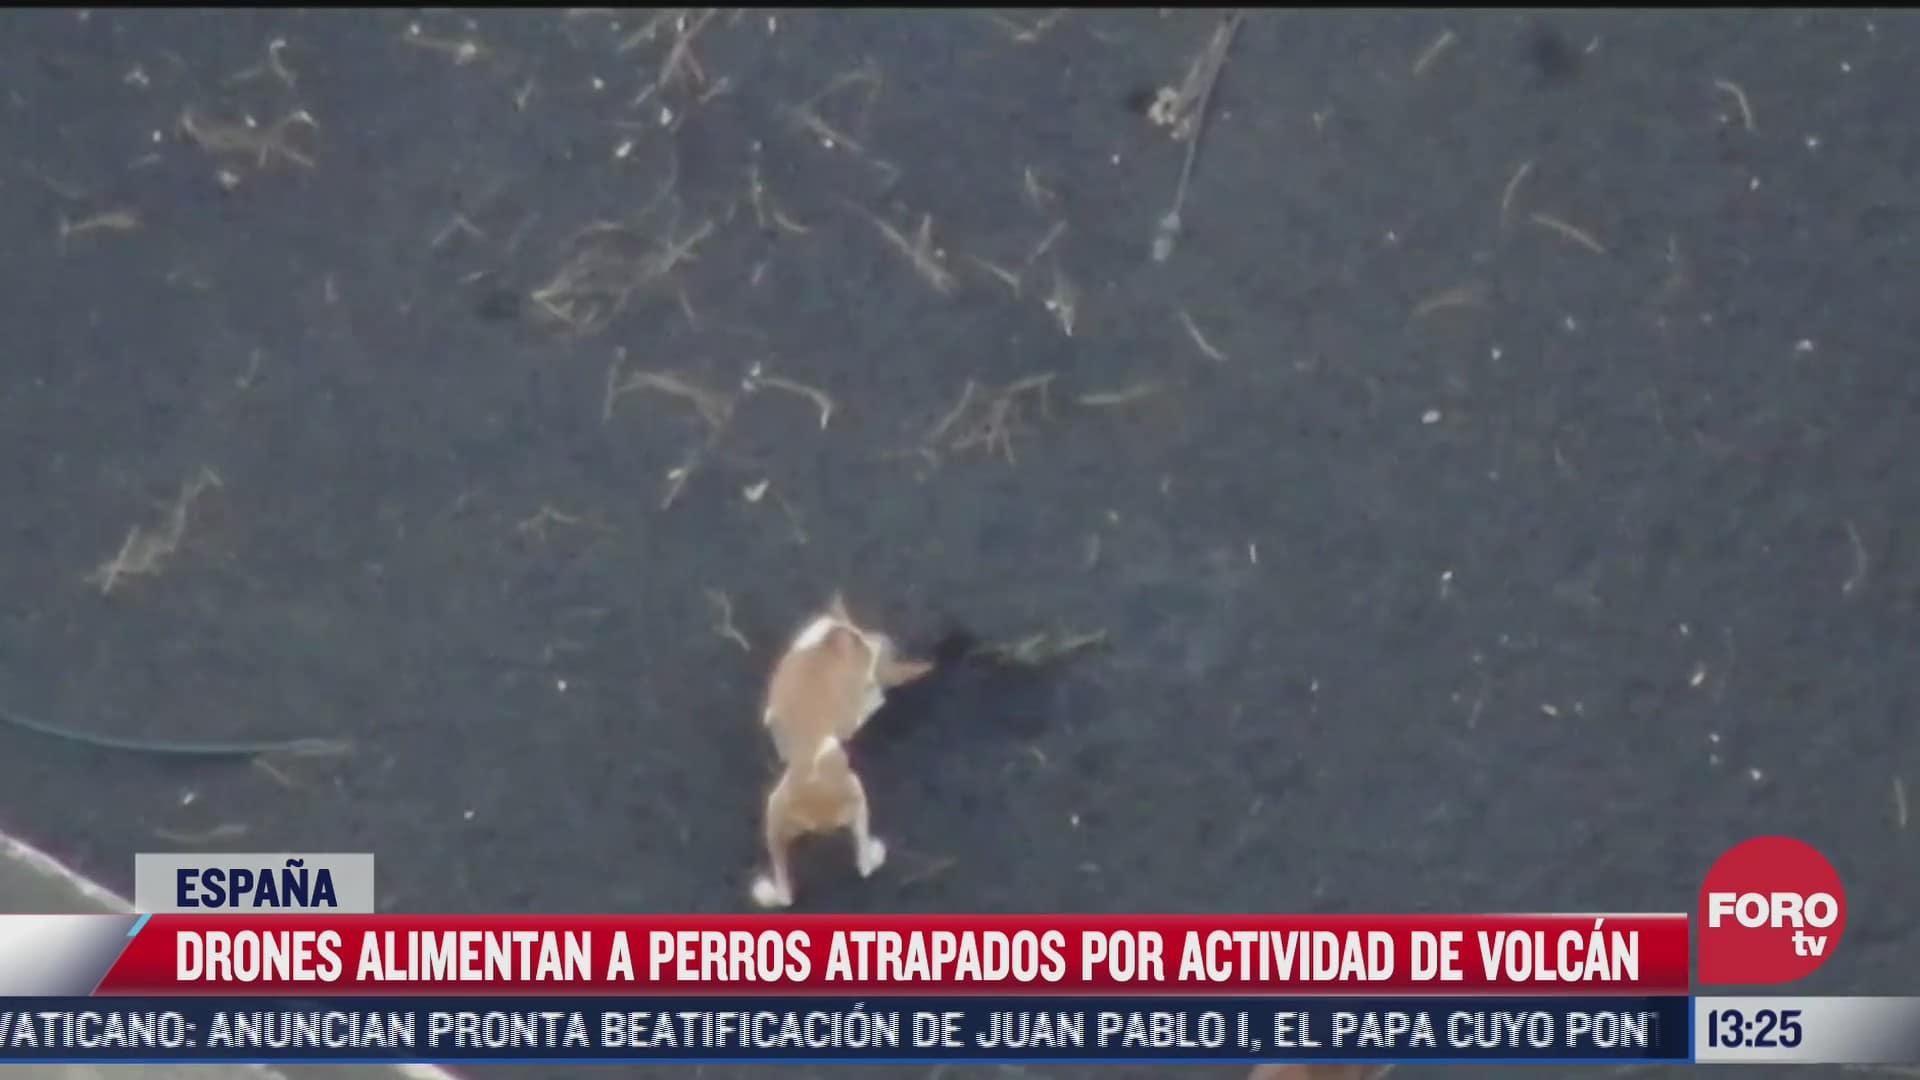 alimentan con drones a perros atrapados por actividad del volcan cumbre vieja espana